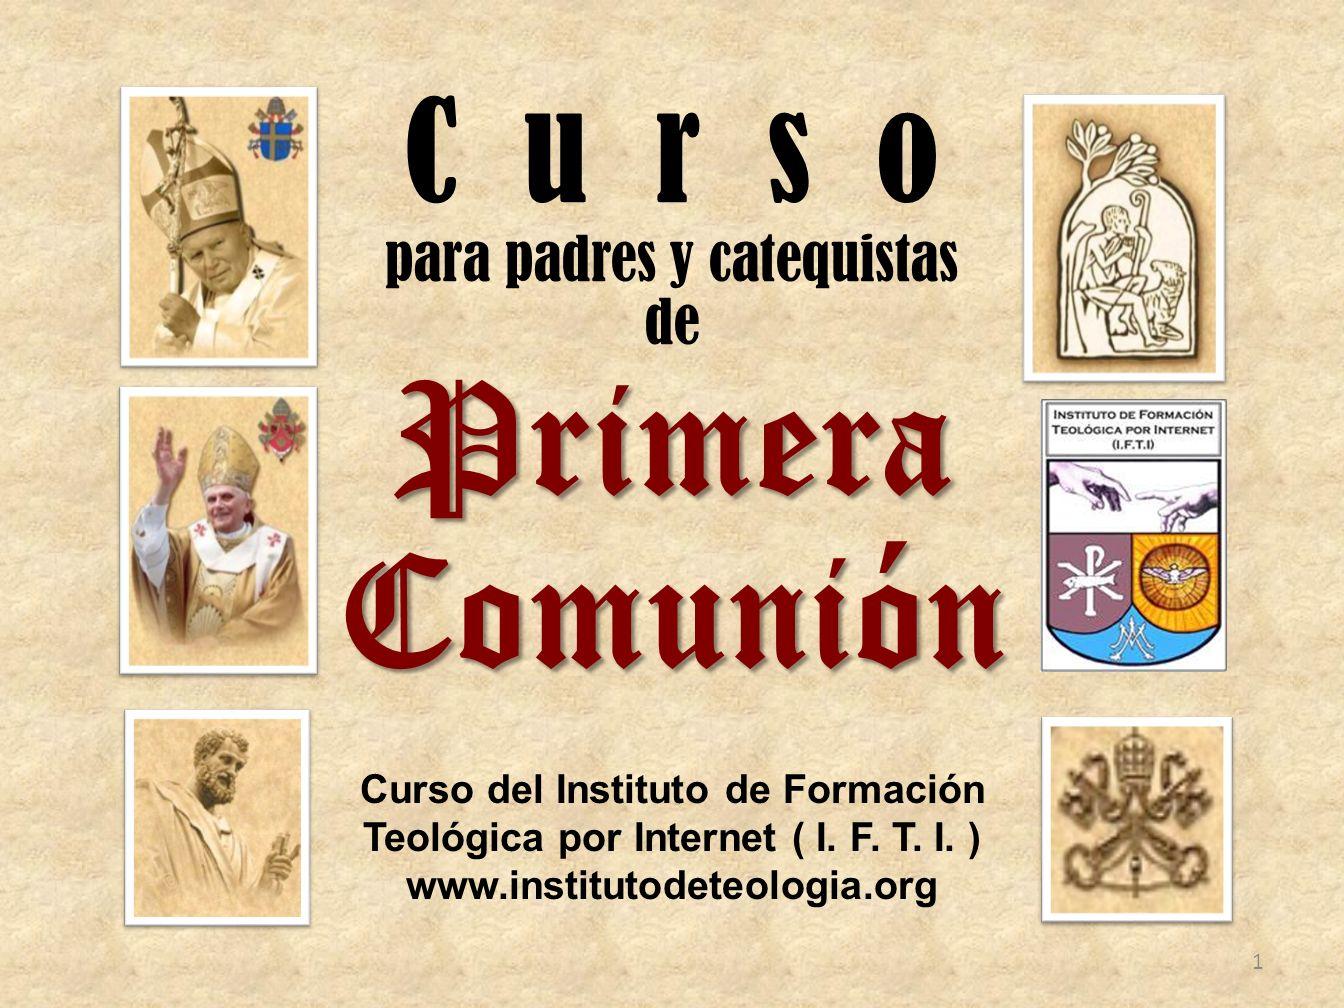 C u r s o para padres y catequistas dePrimeraComunión Curso del Instituto de Formación Teológica por Internet ( I. F. T. I. ) www.institutodeteologia.